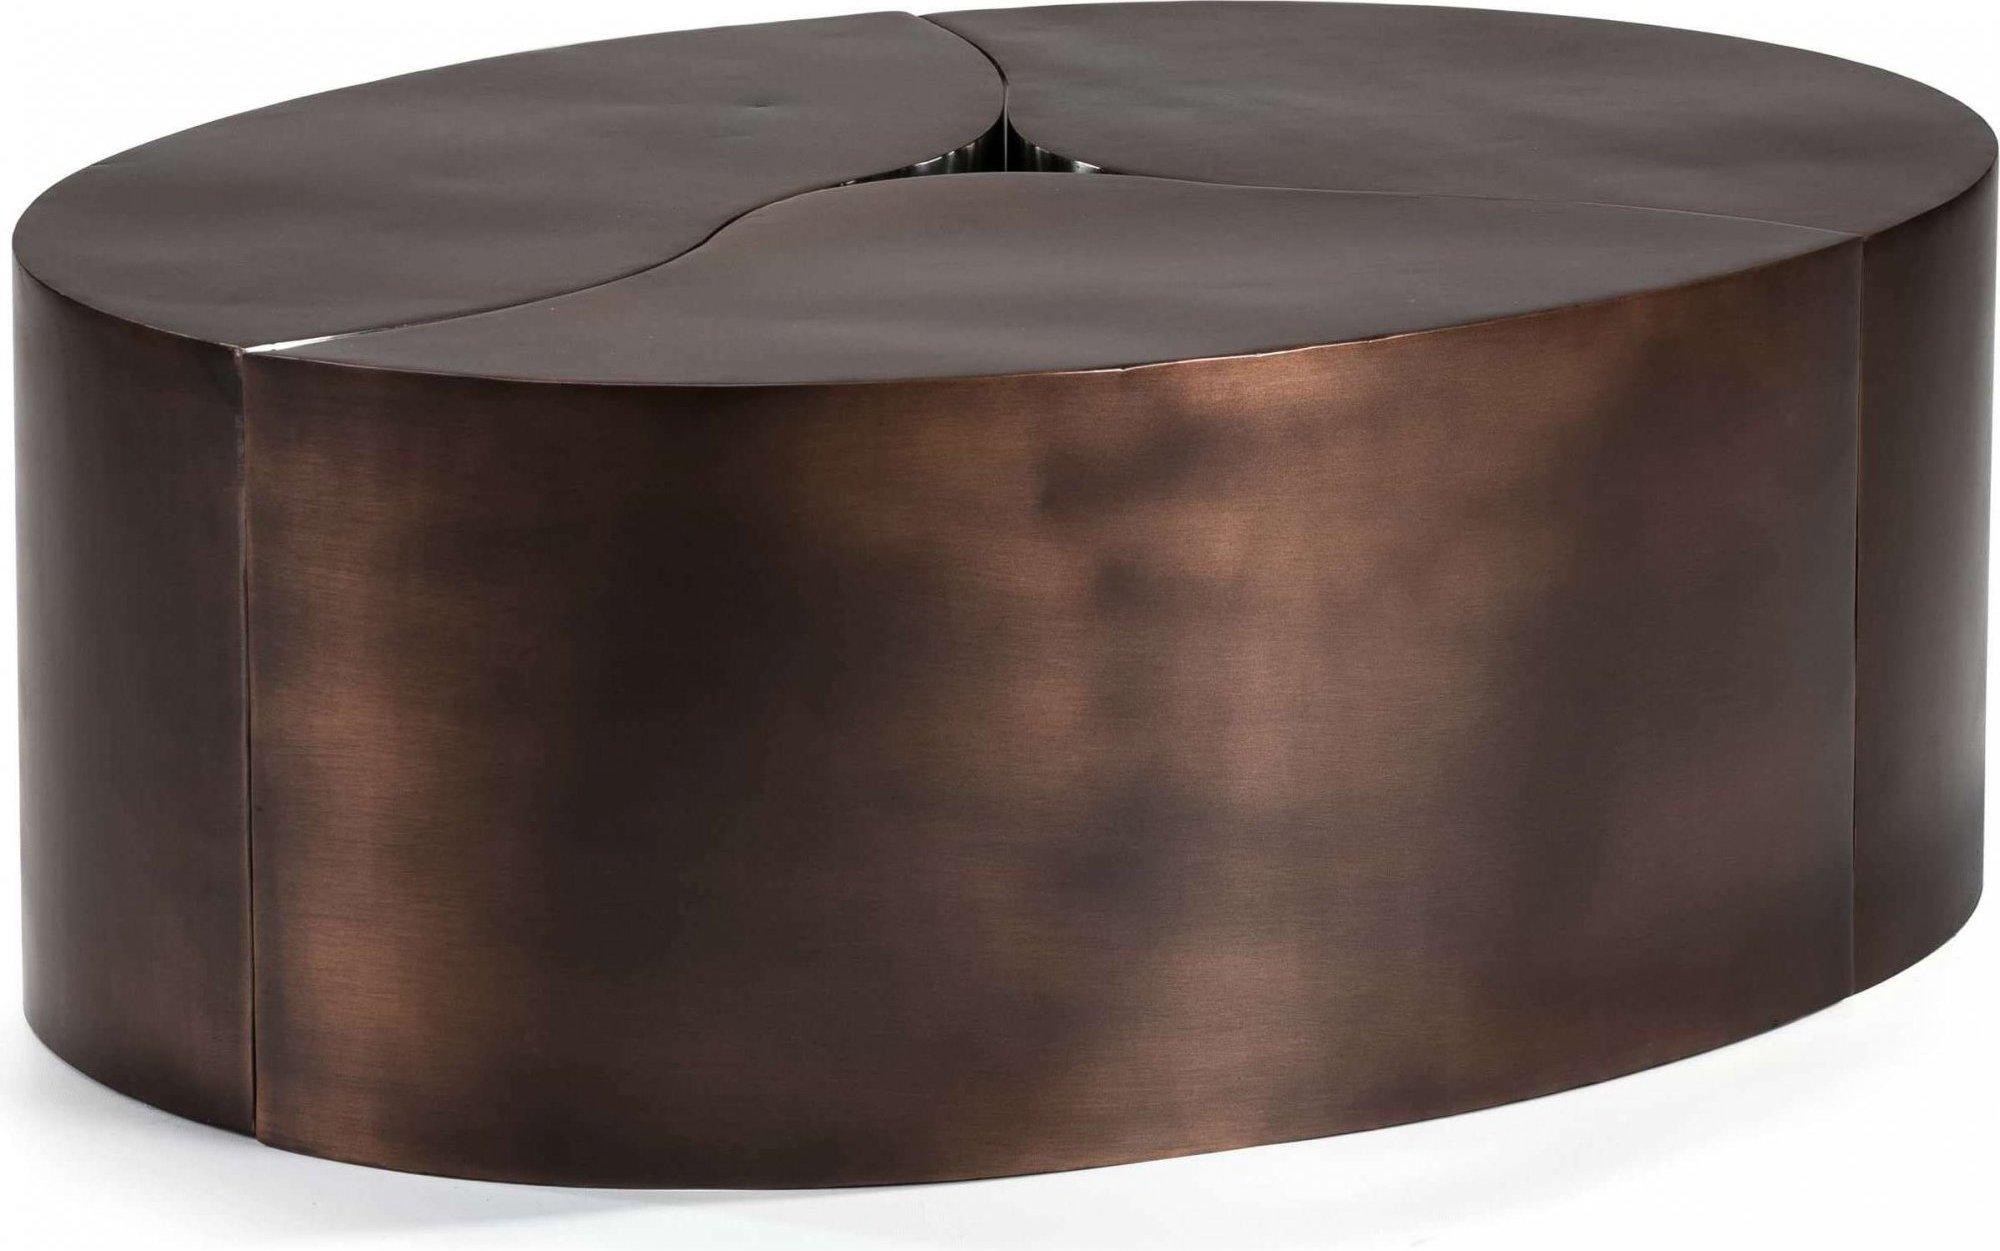 ARRIETAS - Table basse design ovale acier rouillé L103 l76 cm